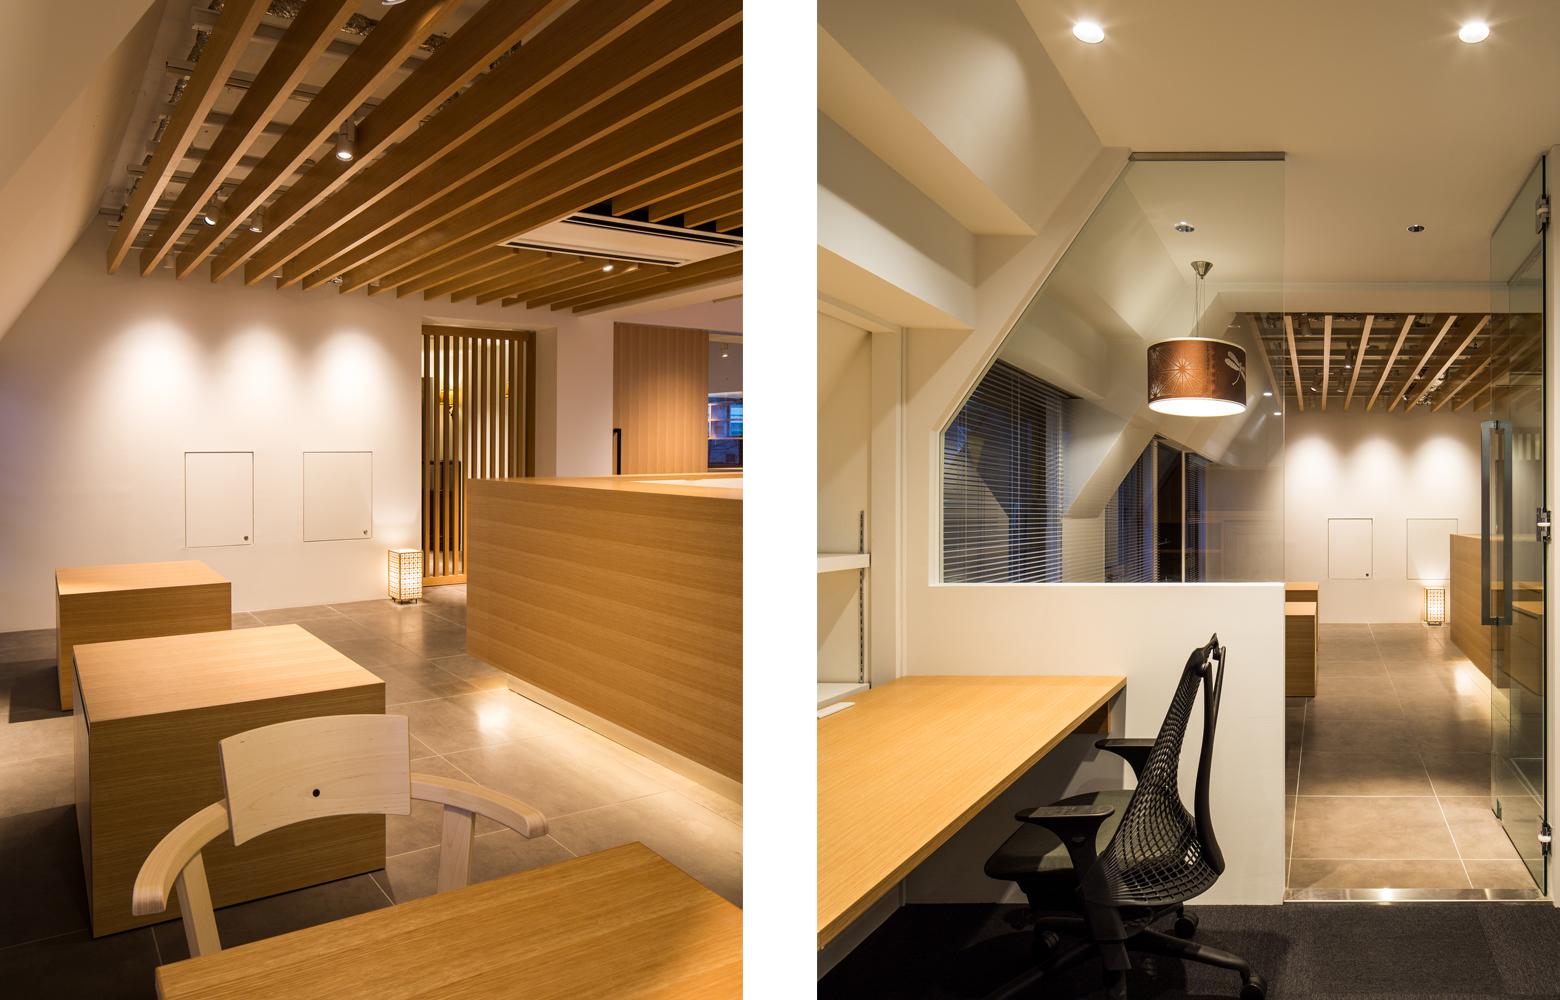 桂屋ファイングッズ株式会社 Showroom_4 & Glass デザイン・レイアウト事例